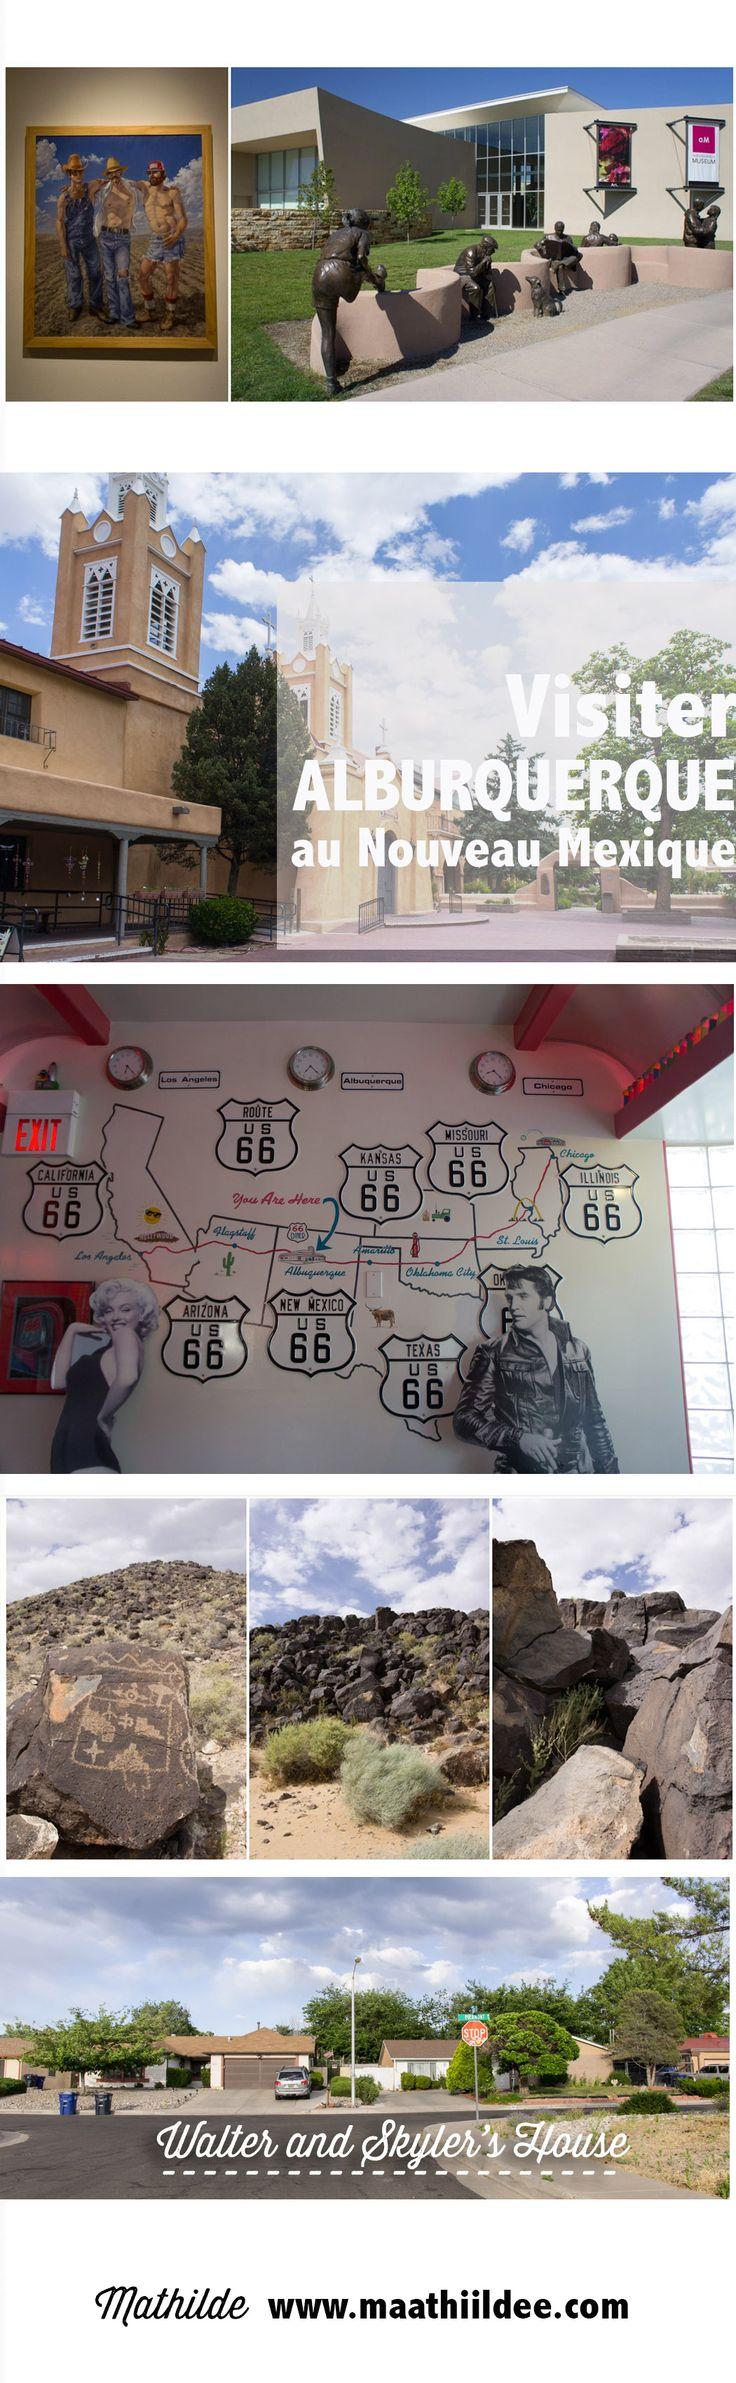 Faut-il visiter la capitale du Nouveau Mexique ? Rendue célèbre dernièrement par la série Breaking Bad, c'est une ville au premier regard sans âme, mais qui a réserve de belles surprises.